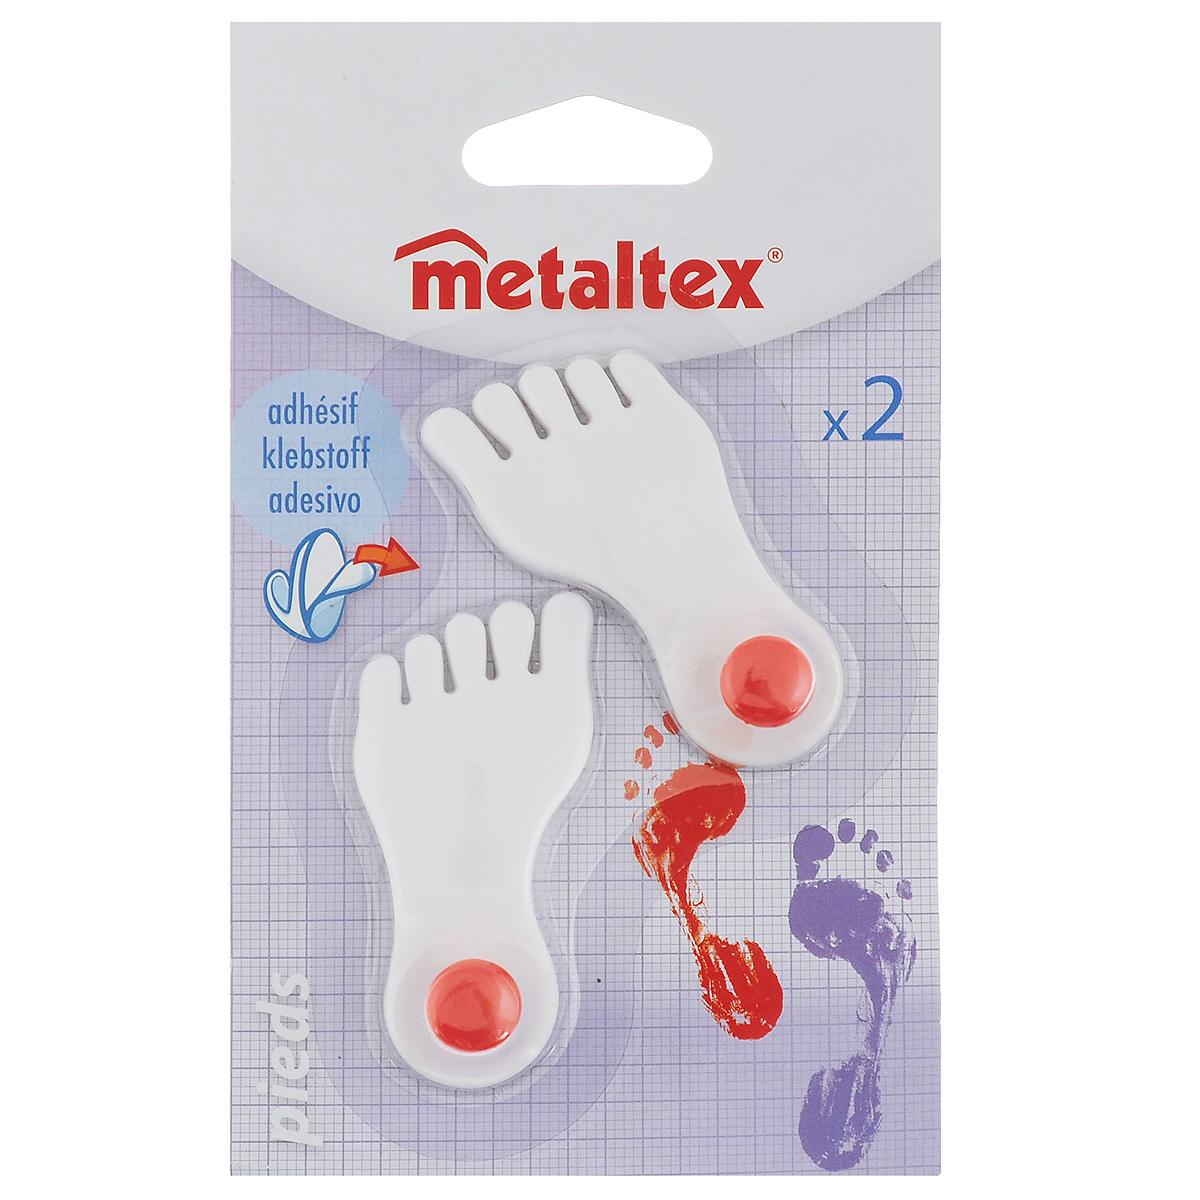 Набор крючков Metaltex Pieds, 2 шт29.40.01Набор настенных крючков Metaltex Pieds изготовлен из прочного пластика в виде левой и правой ножки. Они прекрасно подойдут для вашей ванной комнаты или кухни и не займут много места, надежно выдержав все, что вы на них повесите. Крючки могут крепится на стену с помощью липкой ленты которая находится на задней стороне крючка.Размер крючка: 3 см х 1,5 см х 6,5 см.Комплектация: 2 шт.